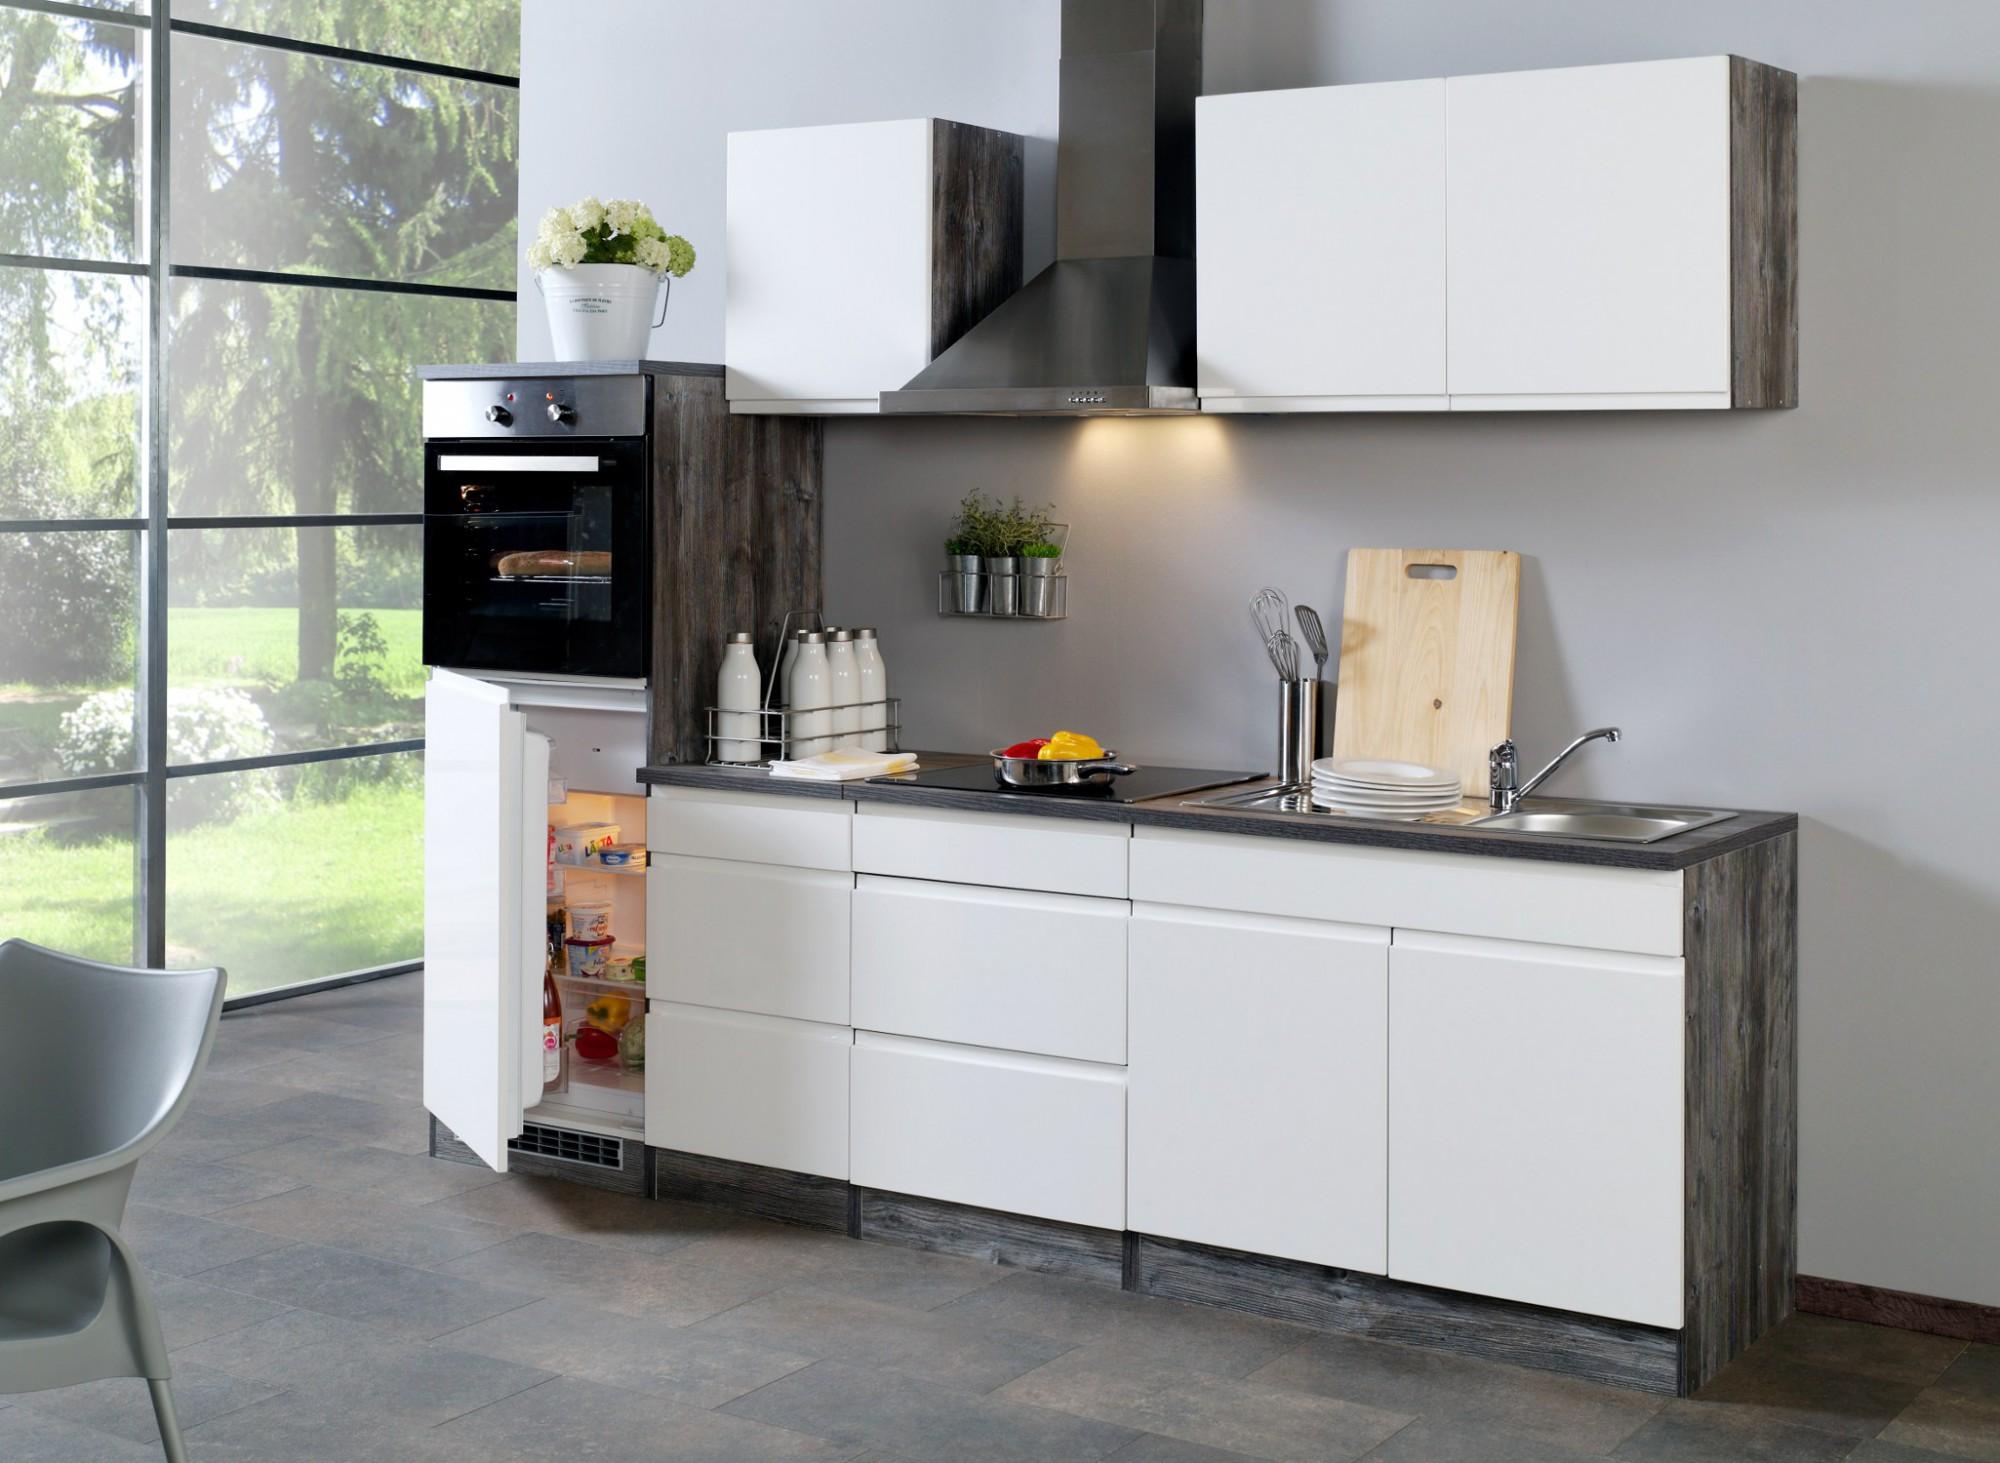 kuechen online kaufen worauf ist hier zu achten frag. Black Bedroom Furniture Sets. Home Design Ideas